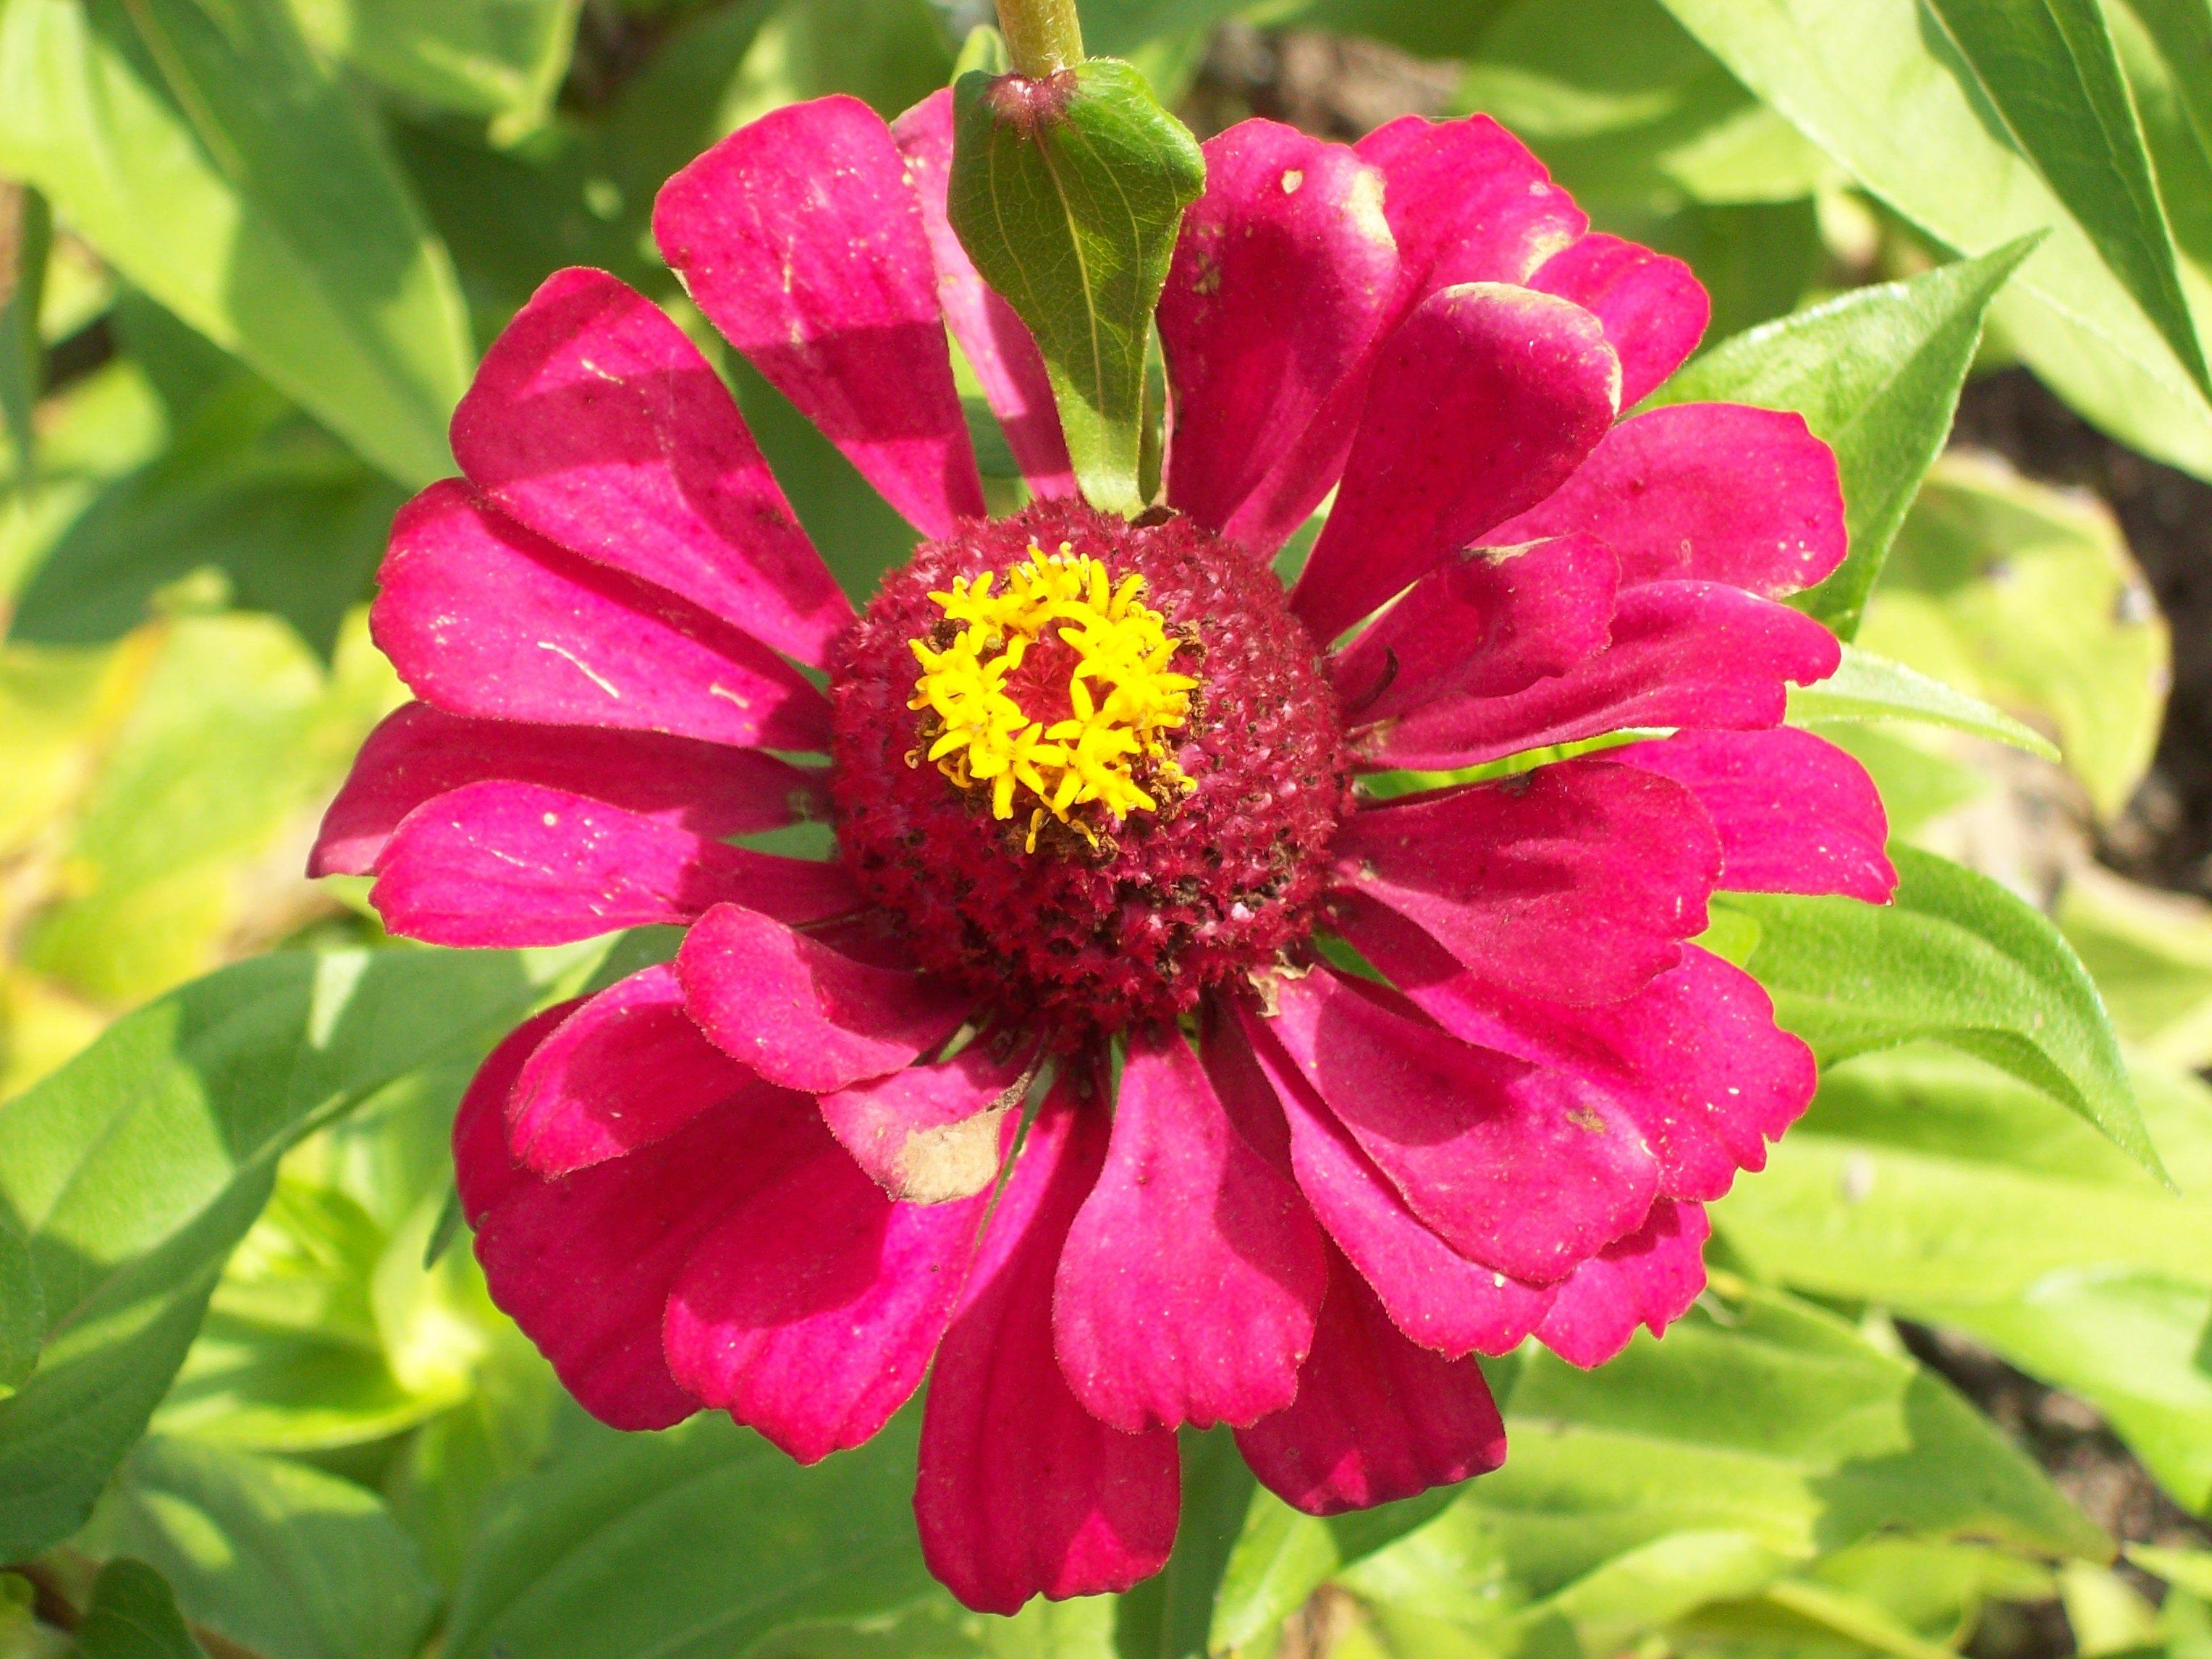 Kwiat, ogrody działkowe Aronia w Świdnicy, fot. Regina Dobrzyńska